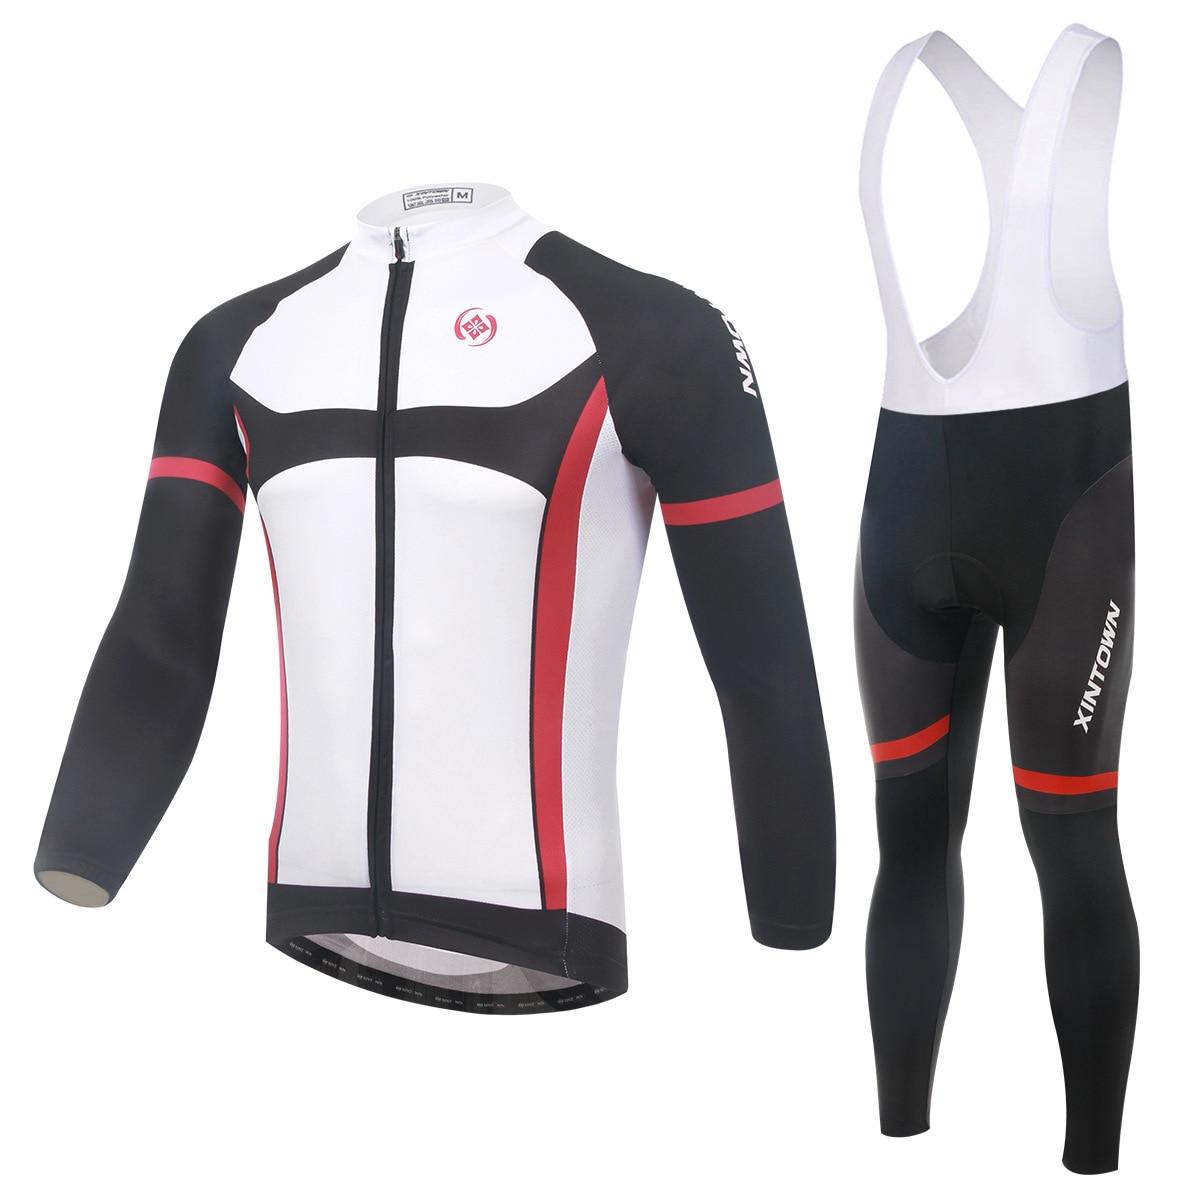 XINTOWN Knight Bike Riding Jersey Wear Long Sleeve Suit Cycling Suits Fleece Wind Warm Function underwear